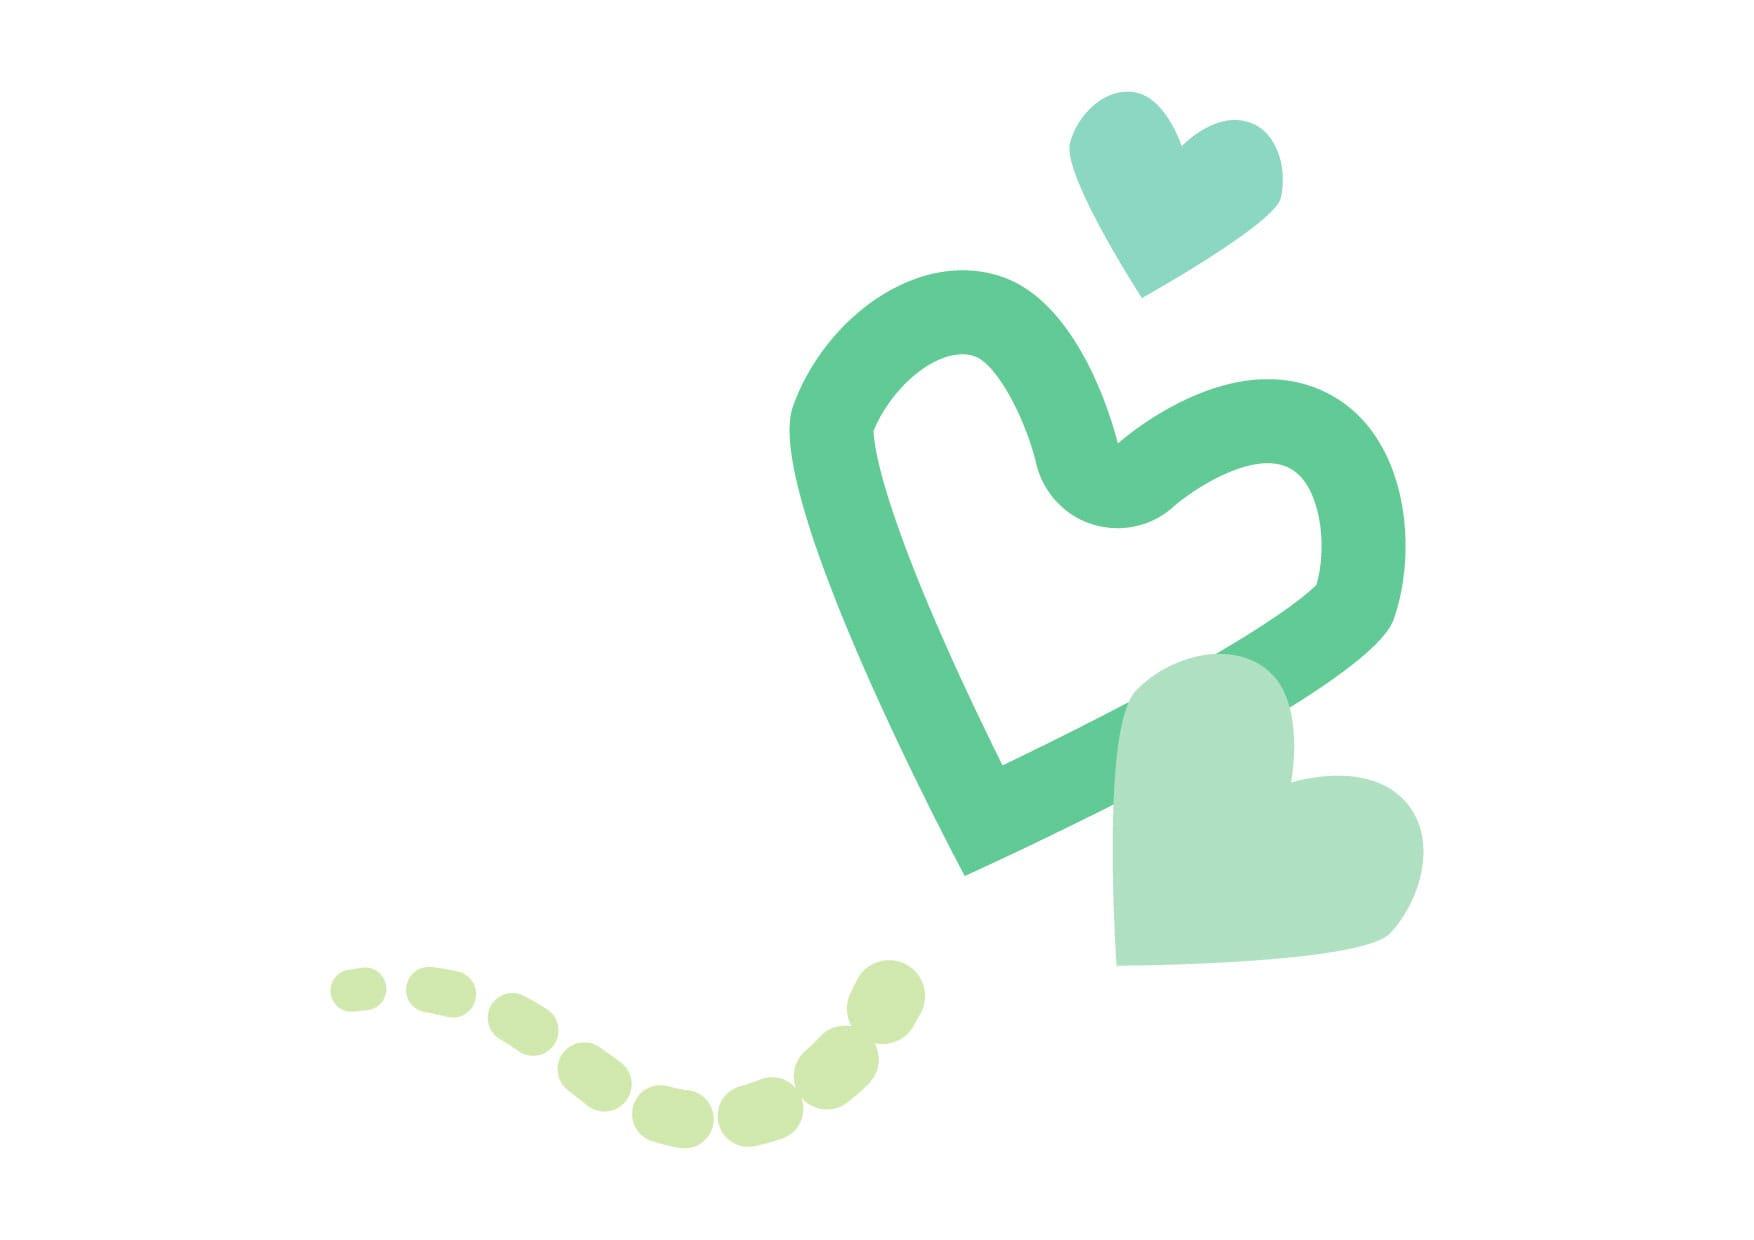 可愛いイラスト無料|ハート 飛ぶ 緑色 − free illustration  Heart fly green